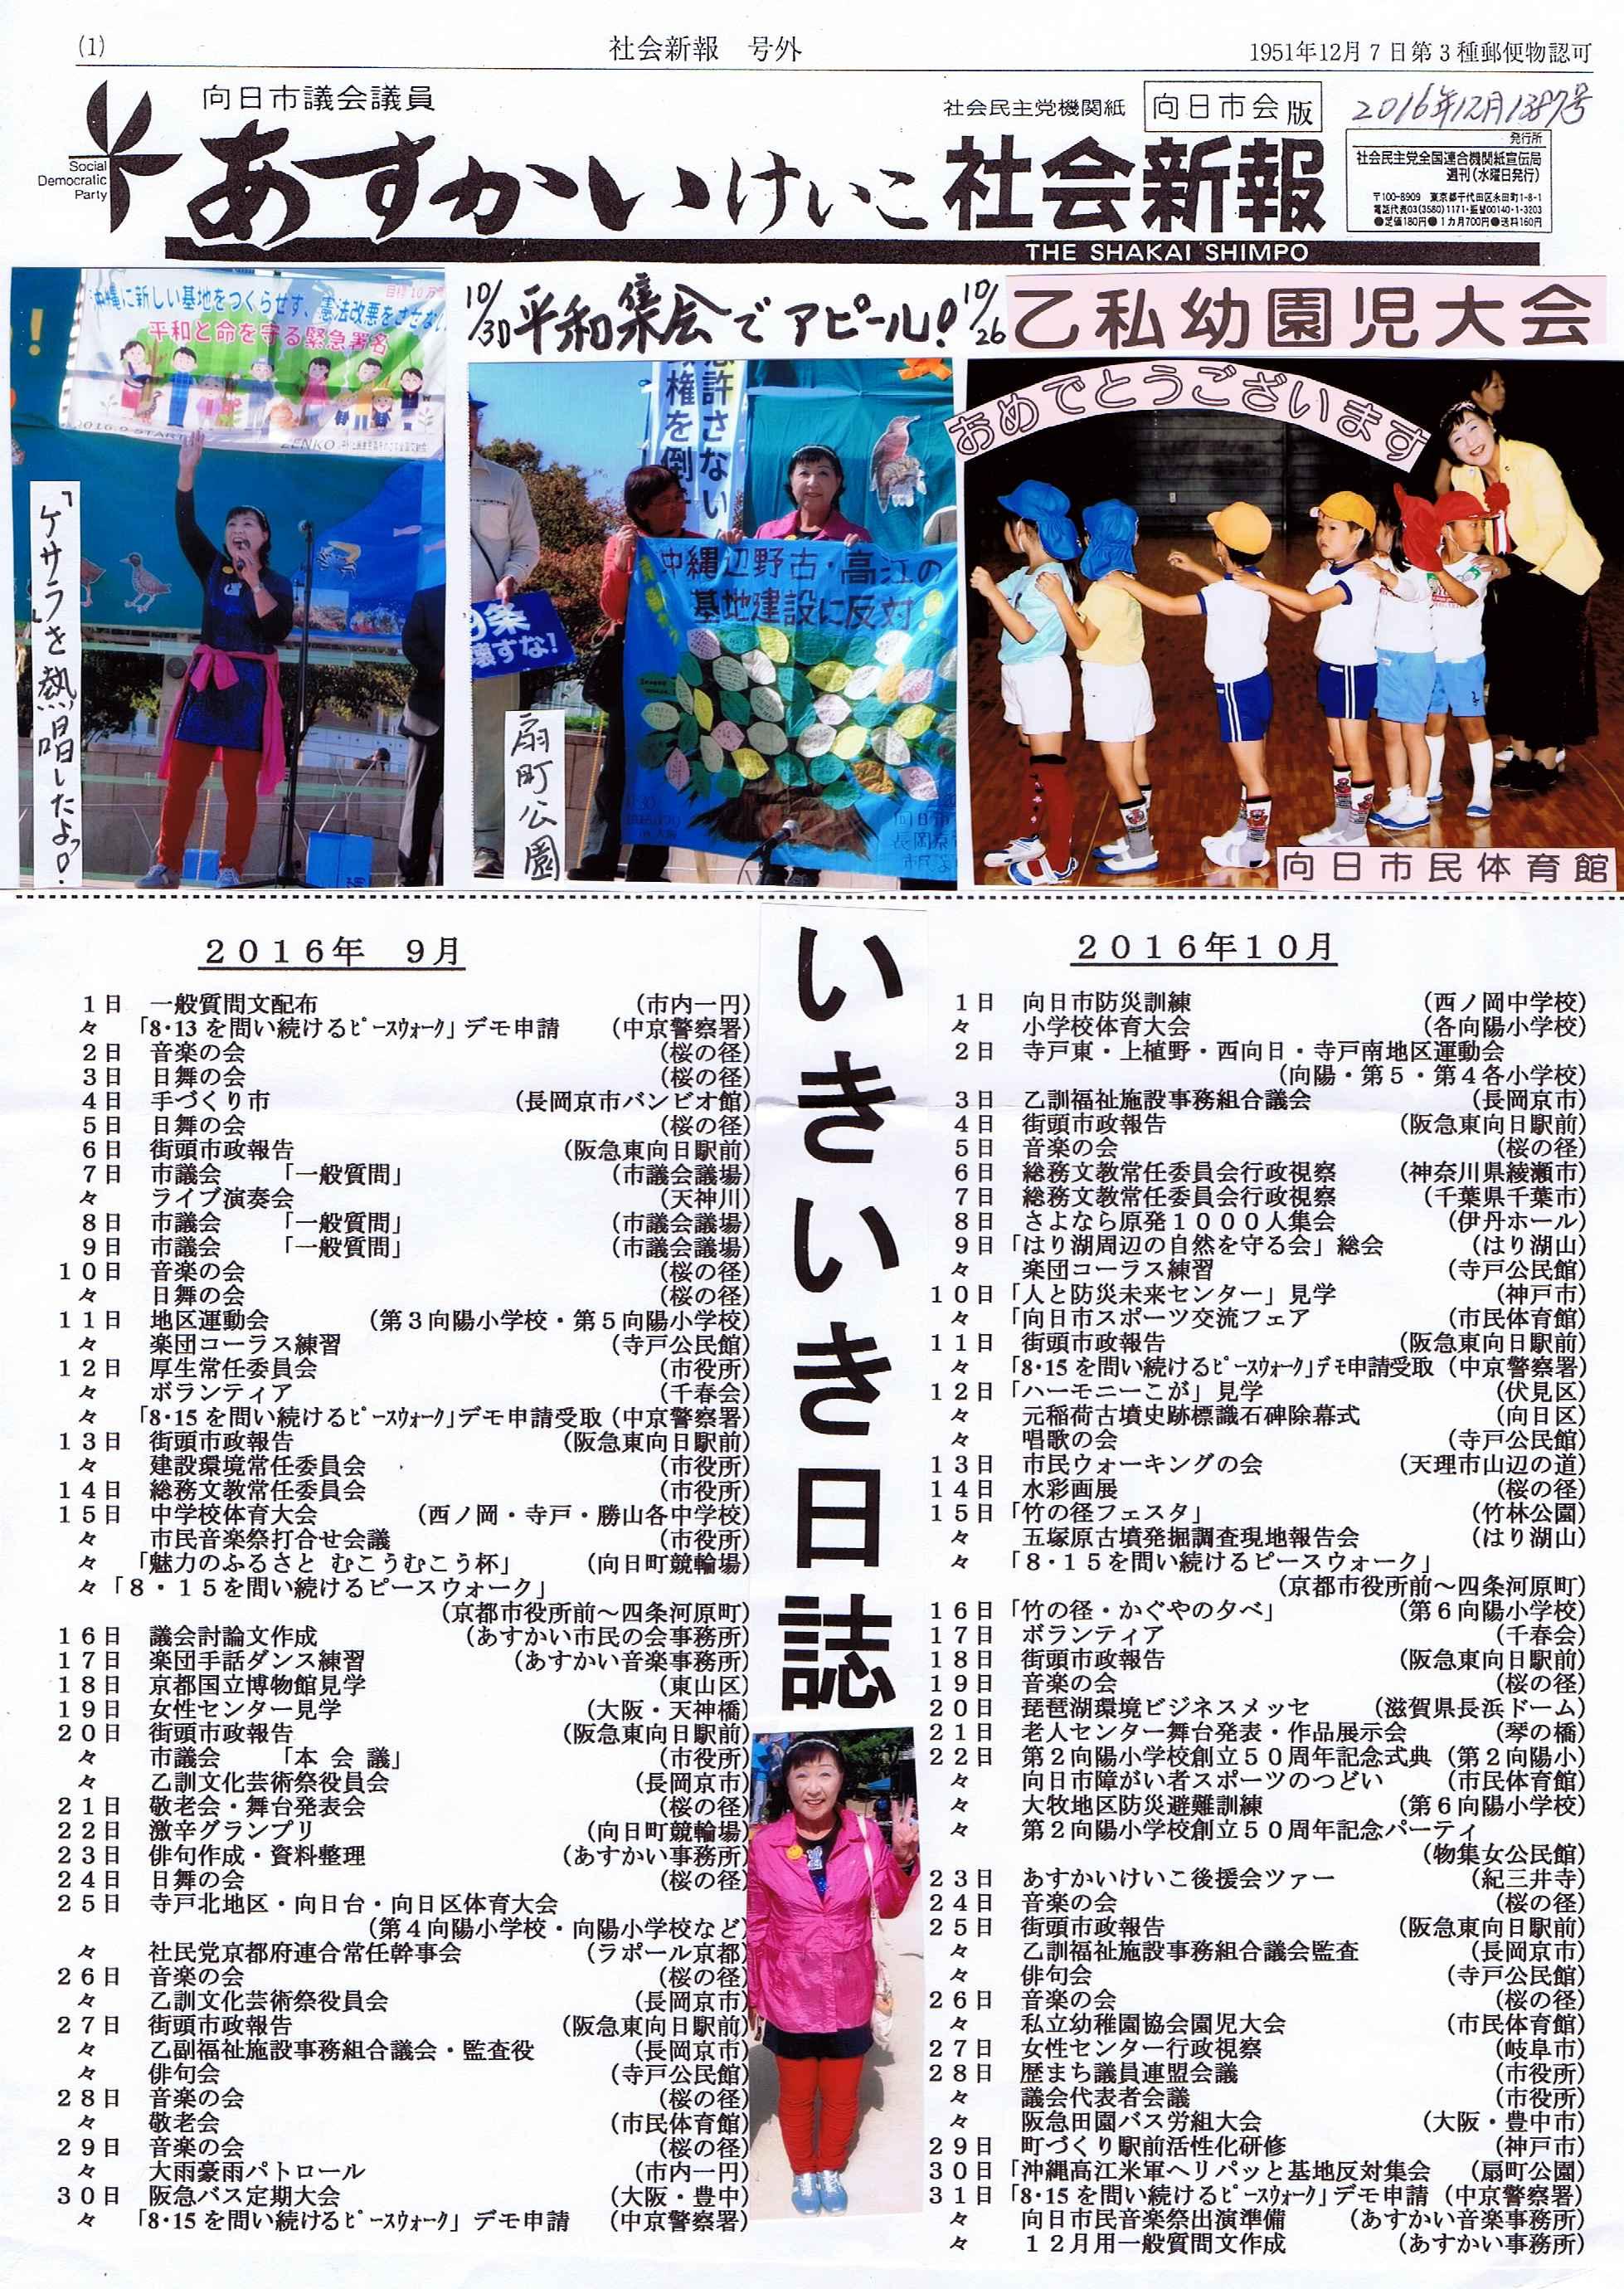 「いきいき日誌」社会新報 向日市会版